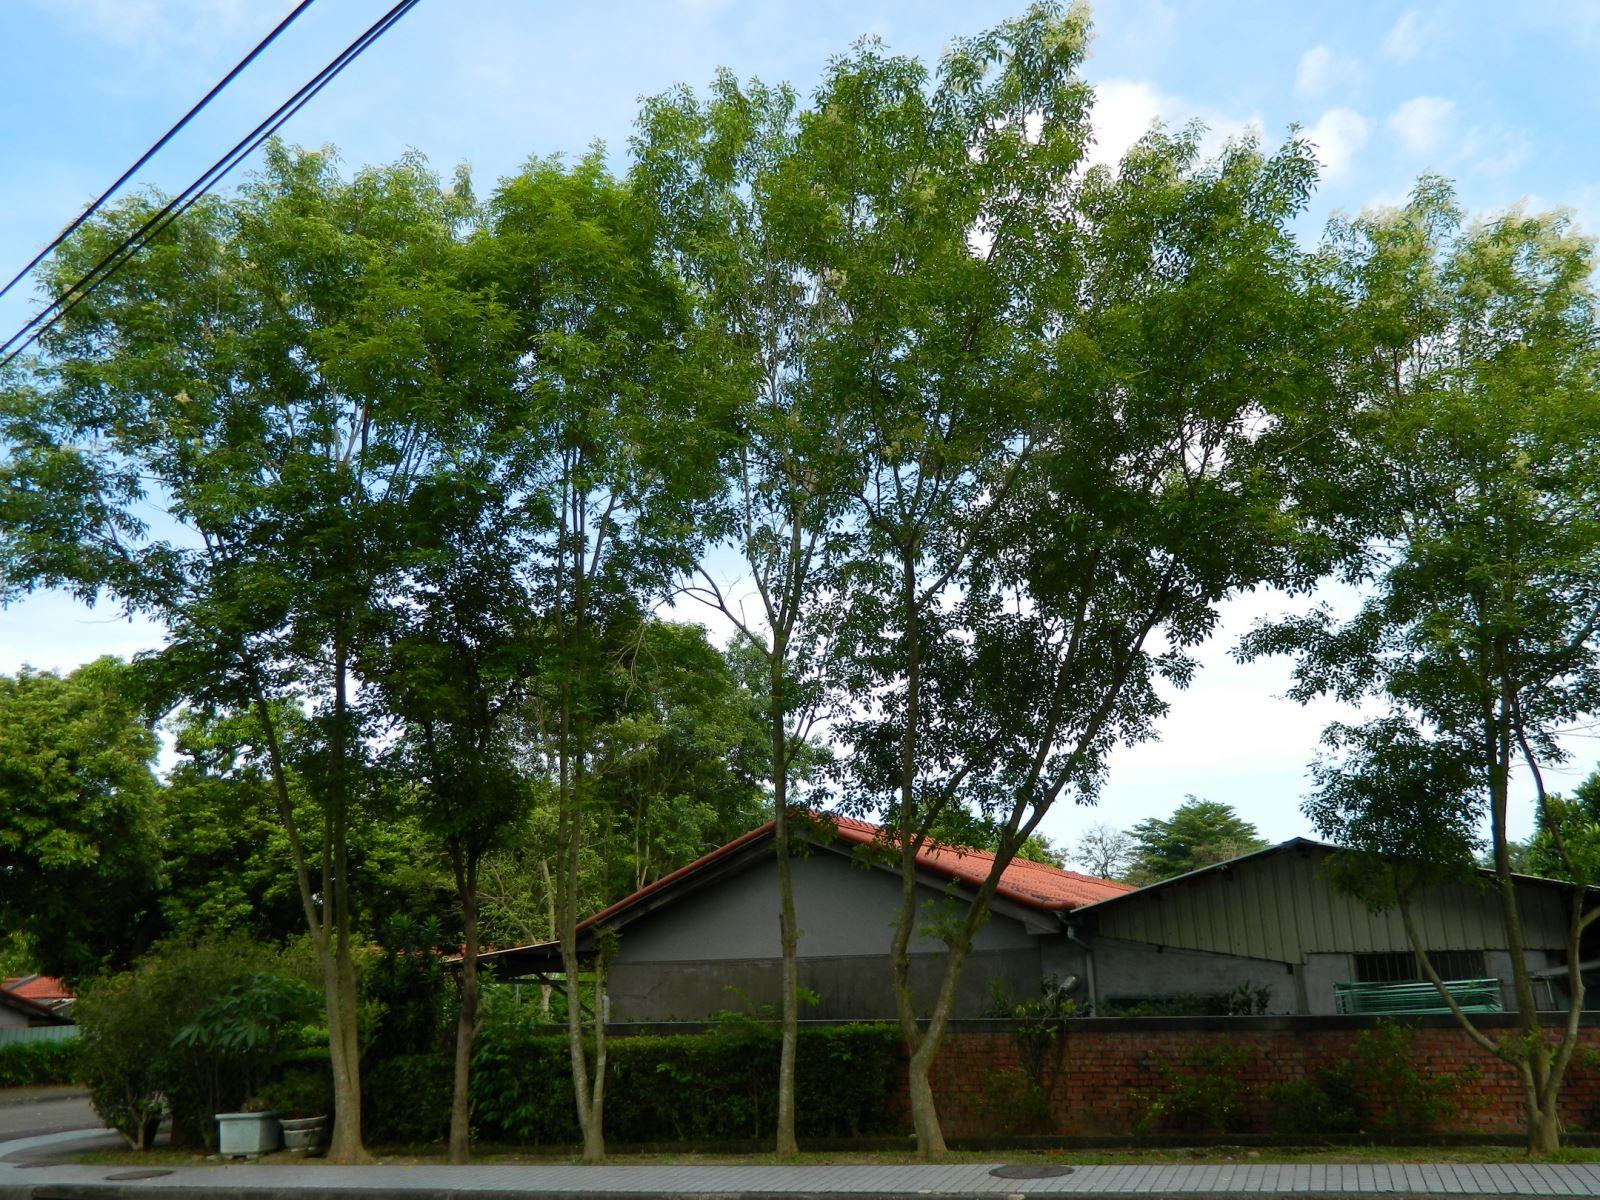 林內竹子開花 林管處願無償提供造林木讓承租人申請